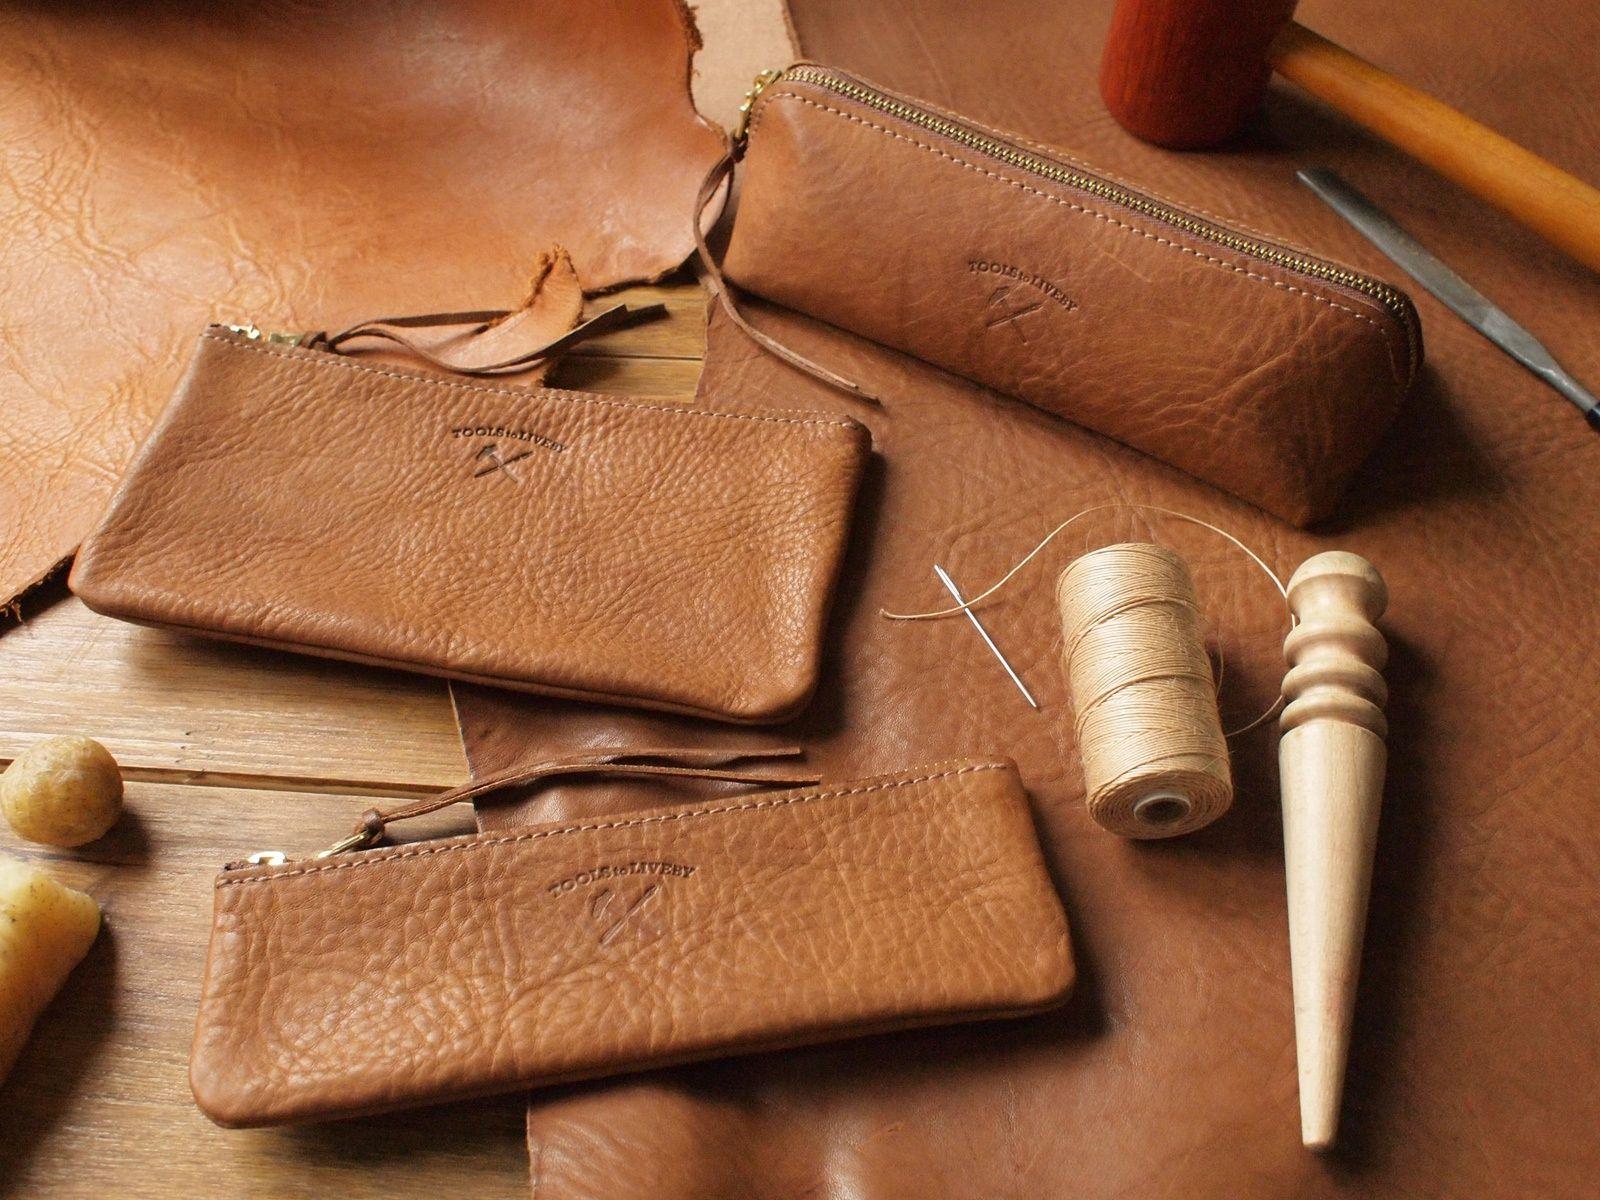 TTLB 手工皮革筆袋系列 - 禮拜記事 | TOOLS to LIVEBY / 禮拜文房具 - 改變桌上的風景